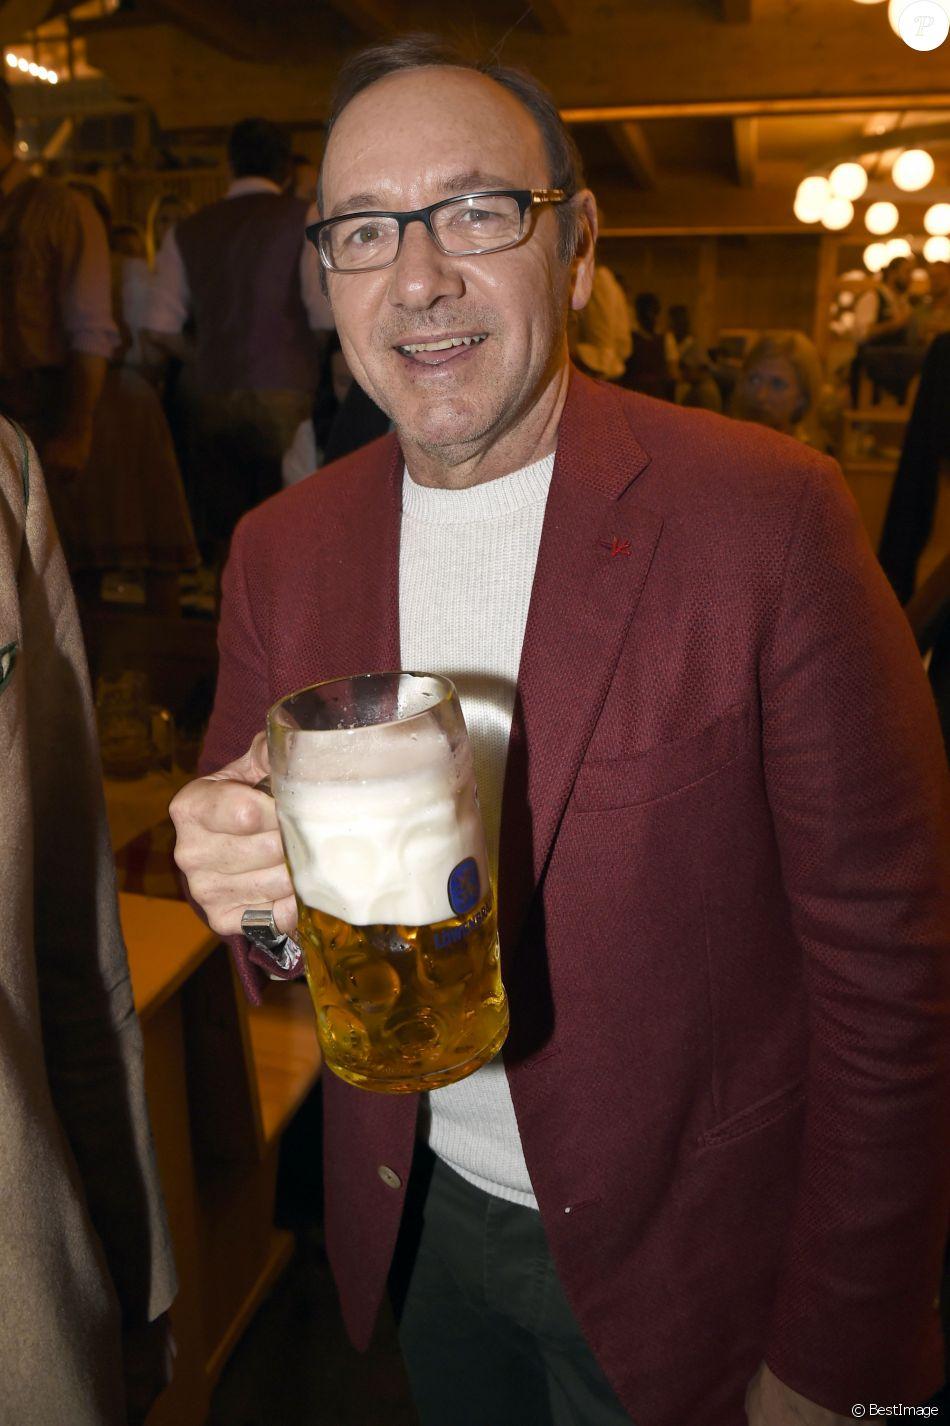 Kevin Spacey lors de la fête de la bière (Oktoberfest) à Munich, le 24 septembre 2017.